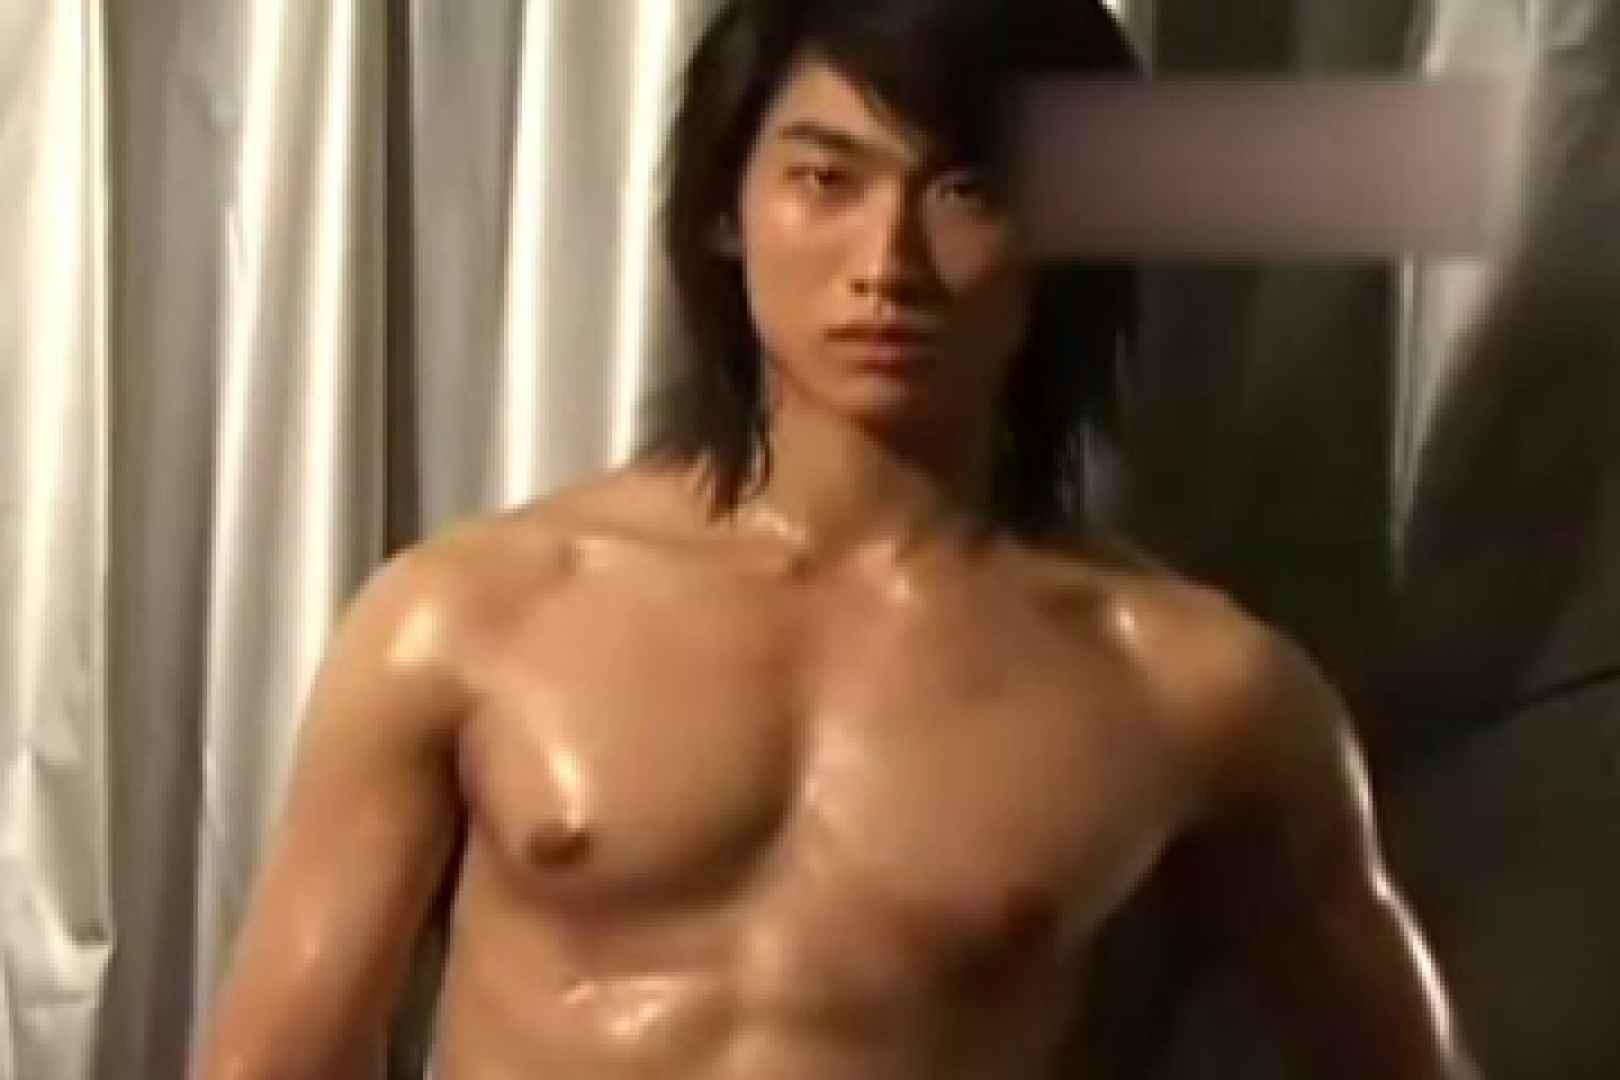 流出!!メンズスーパーモデル達のヌードinChina vol5 メンズ流出映像 ゲイ流出動画キャプチャ 65画像 18